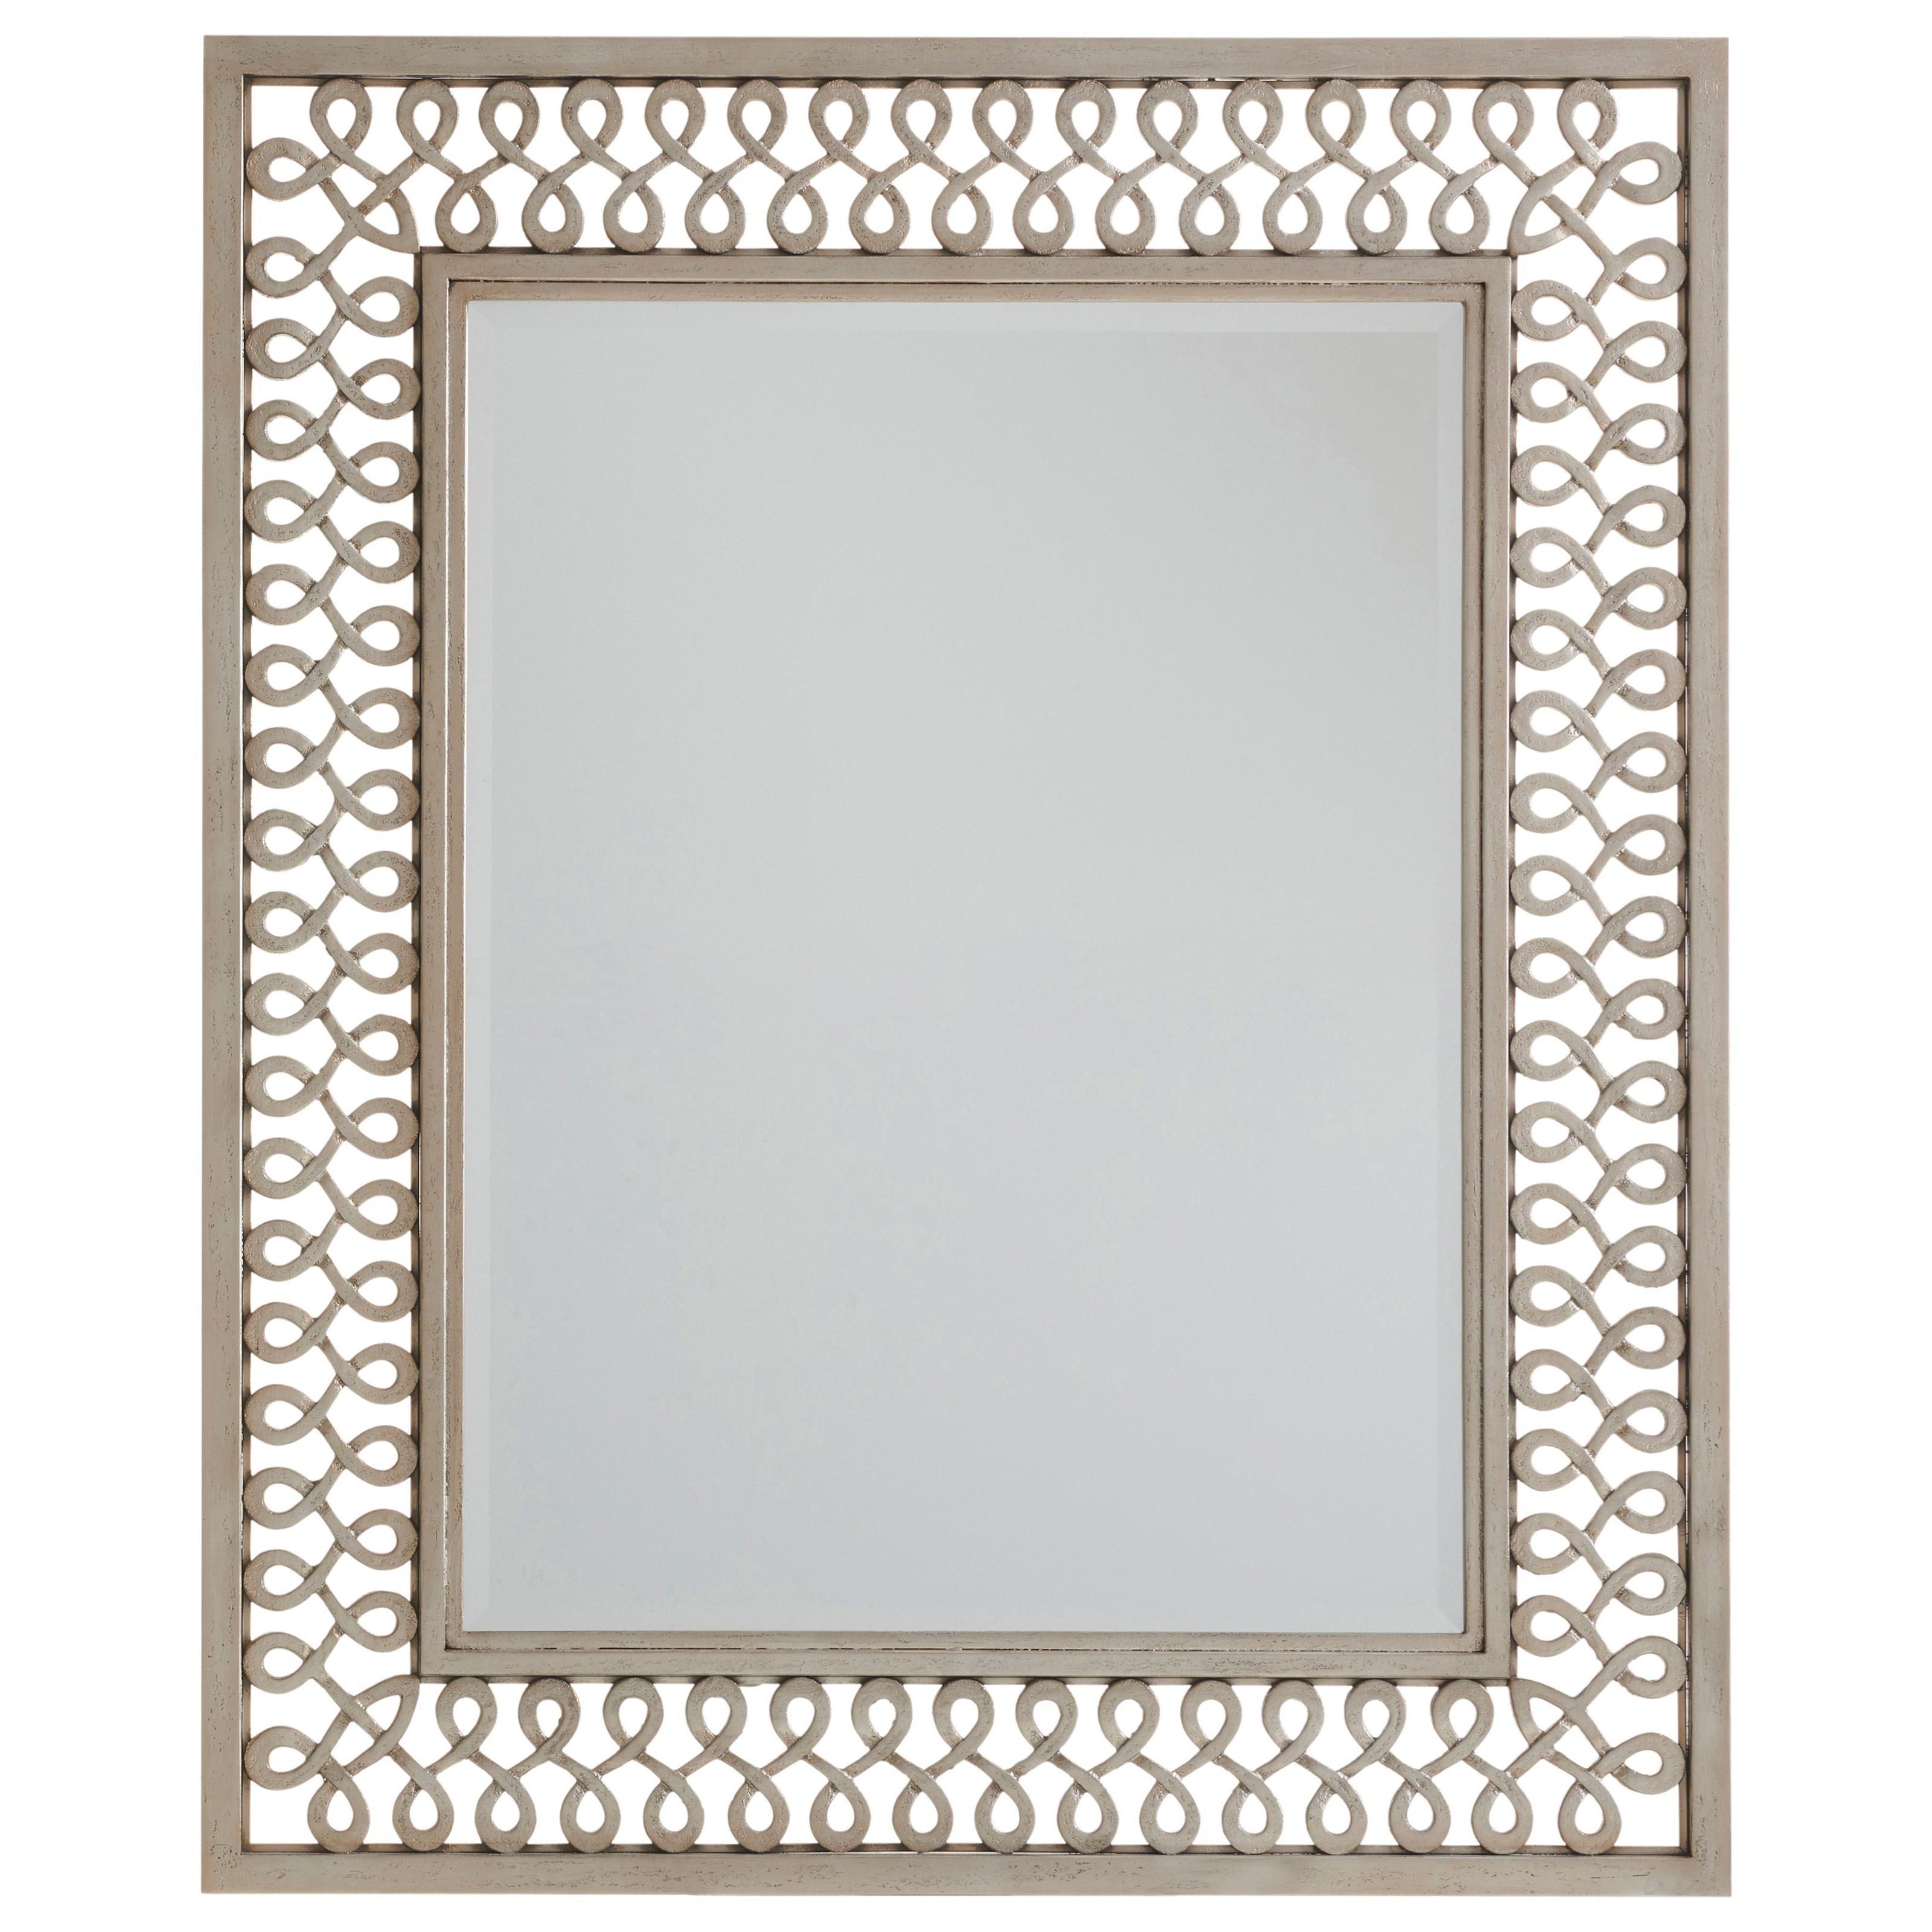 Malibu Manzanita Metal Mirror by Barclay Butera at Baer's Furniture